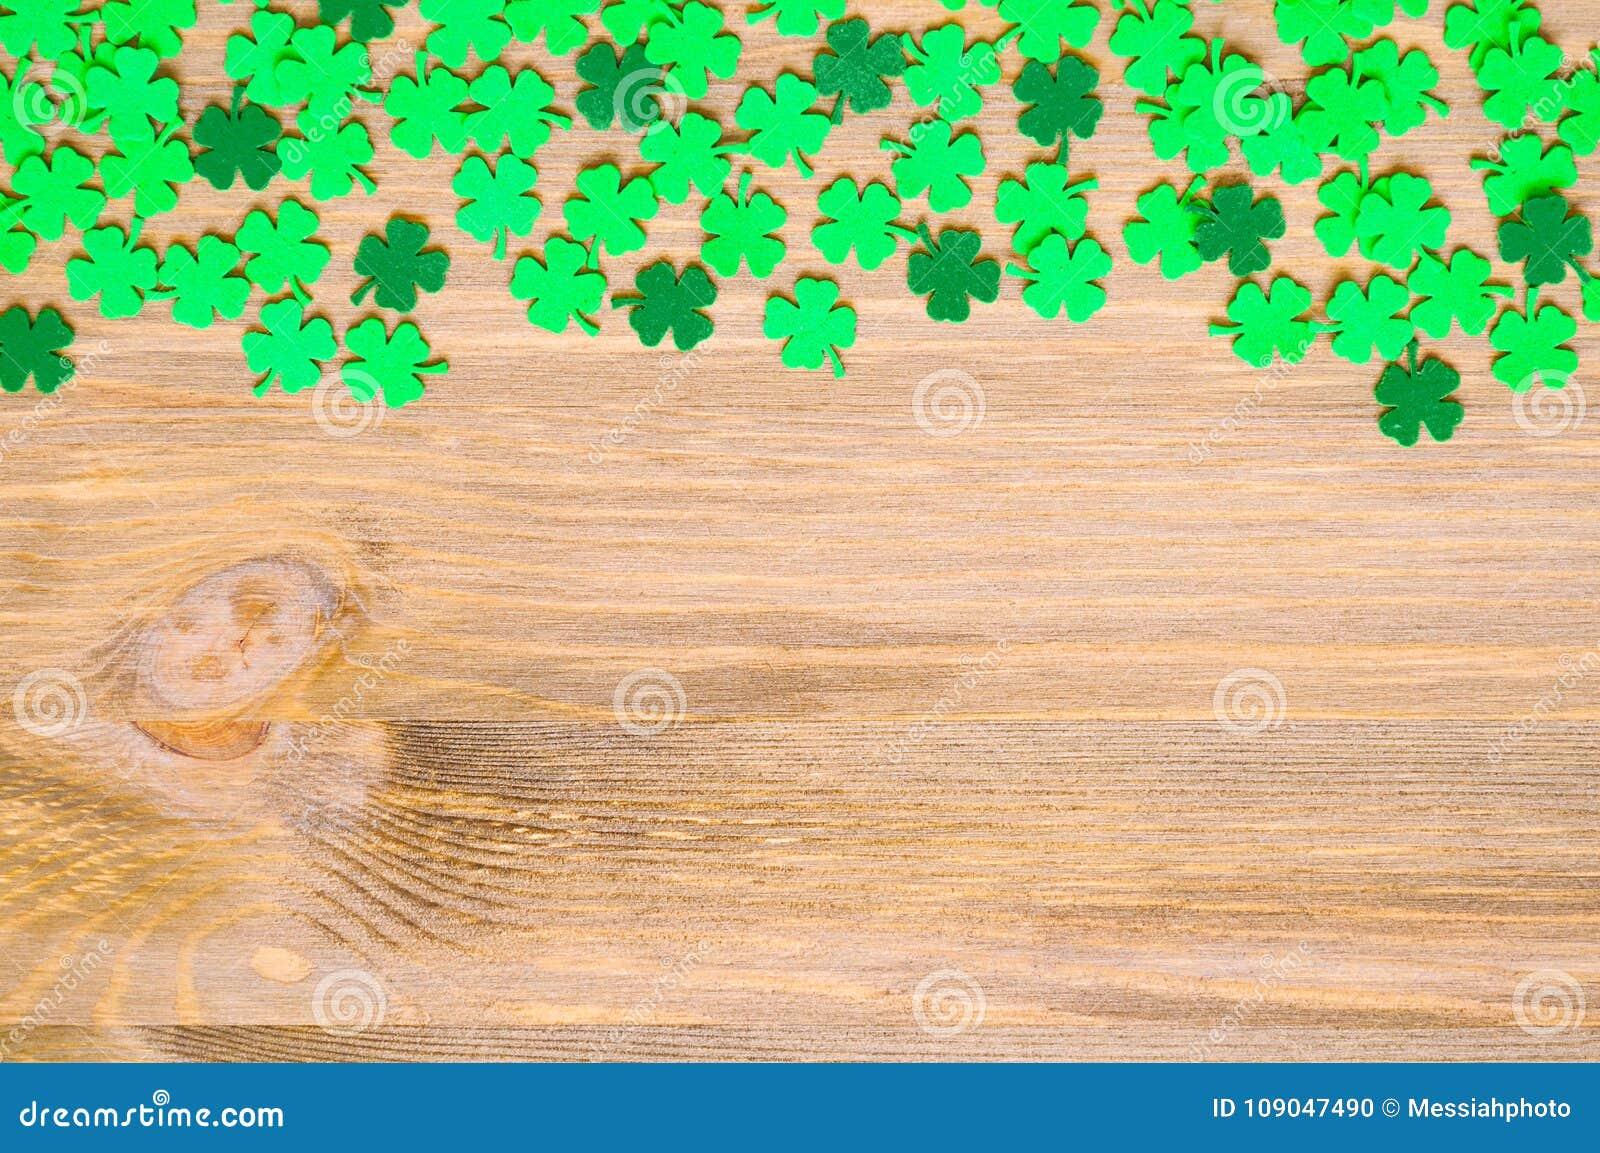 Υπόβαθρο ημέρας του ST Πάτρικ ` s, ένα δευτερεύοντα σύνορα με τα πράσινα quatrefoils και διάστημα για το κείμενο